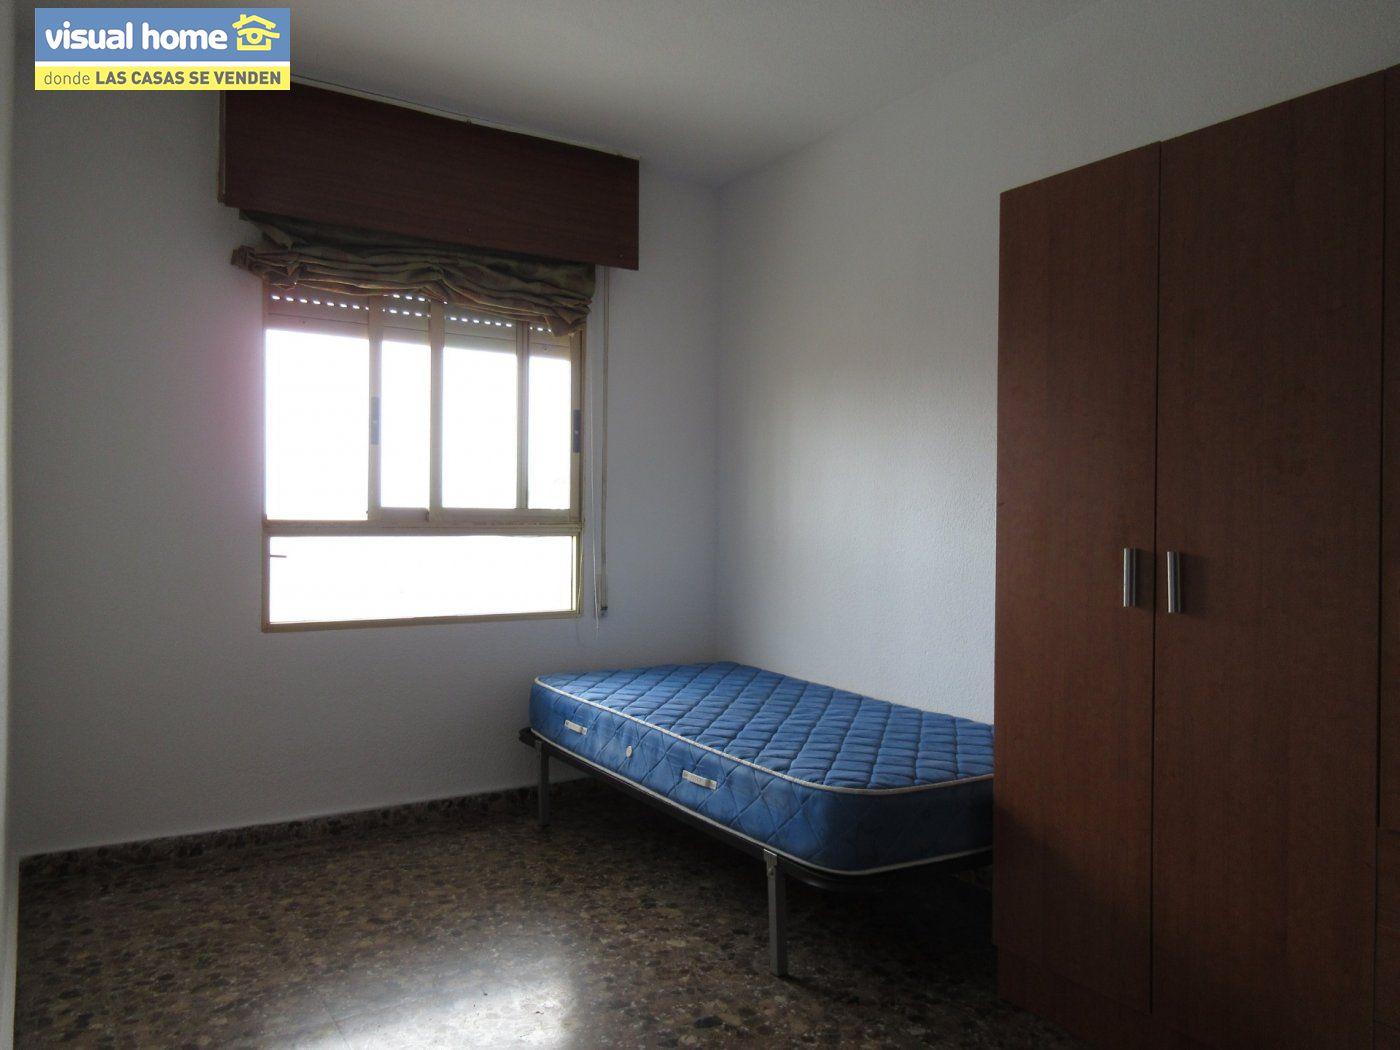 Piso con VISTAS AL MAR, con 3 dormitorios, 2 baños, GARAJE y TRASTERO 12